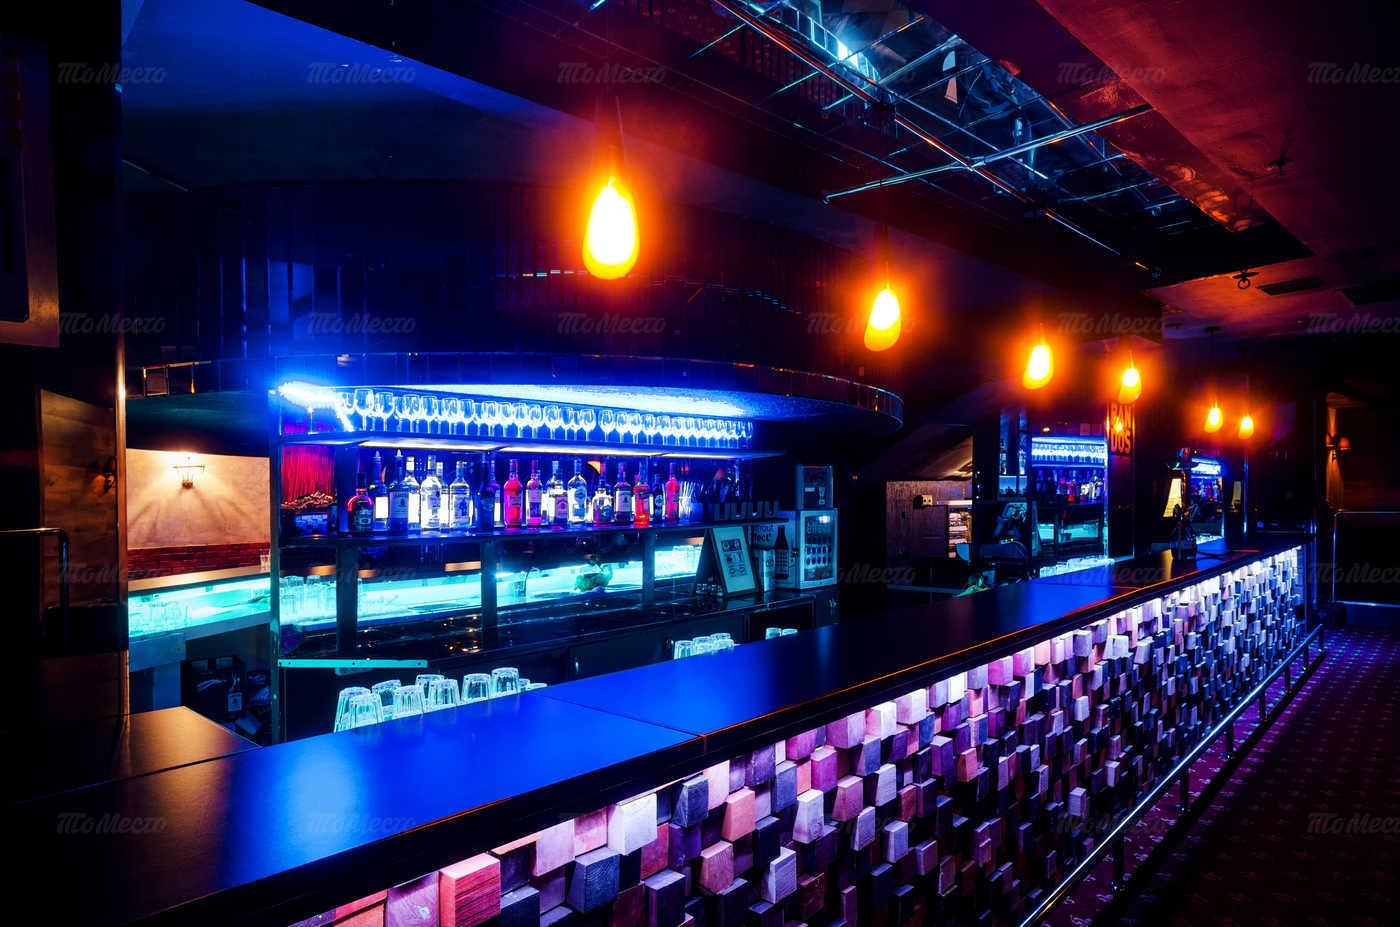 Ночной клуб в москве проспект мира ночной клуб челябинск рокси